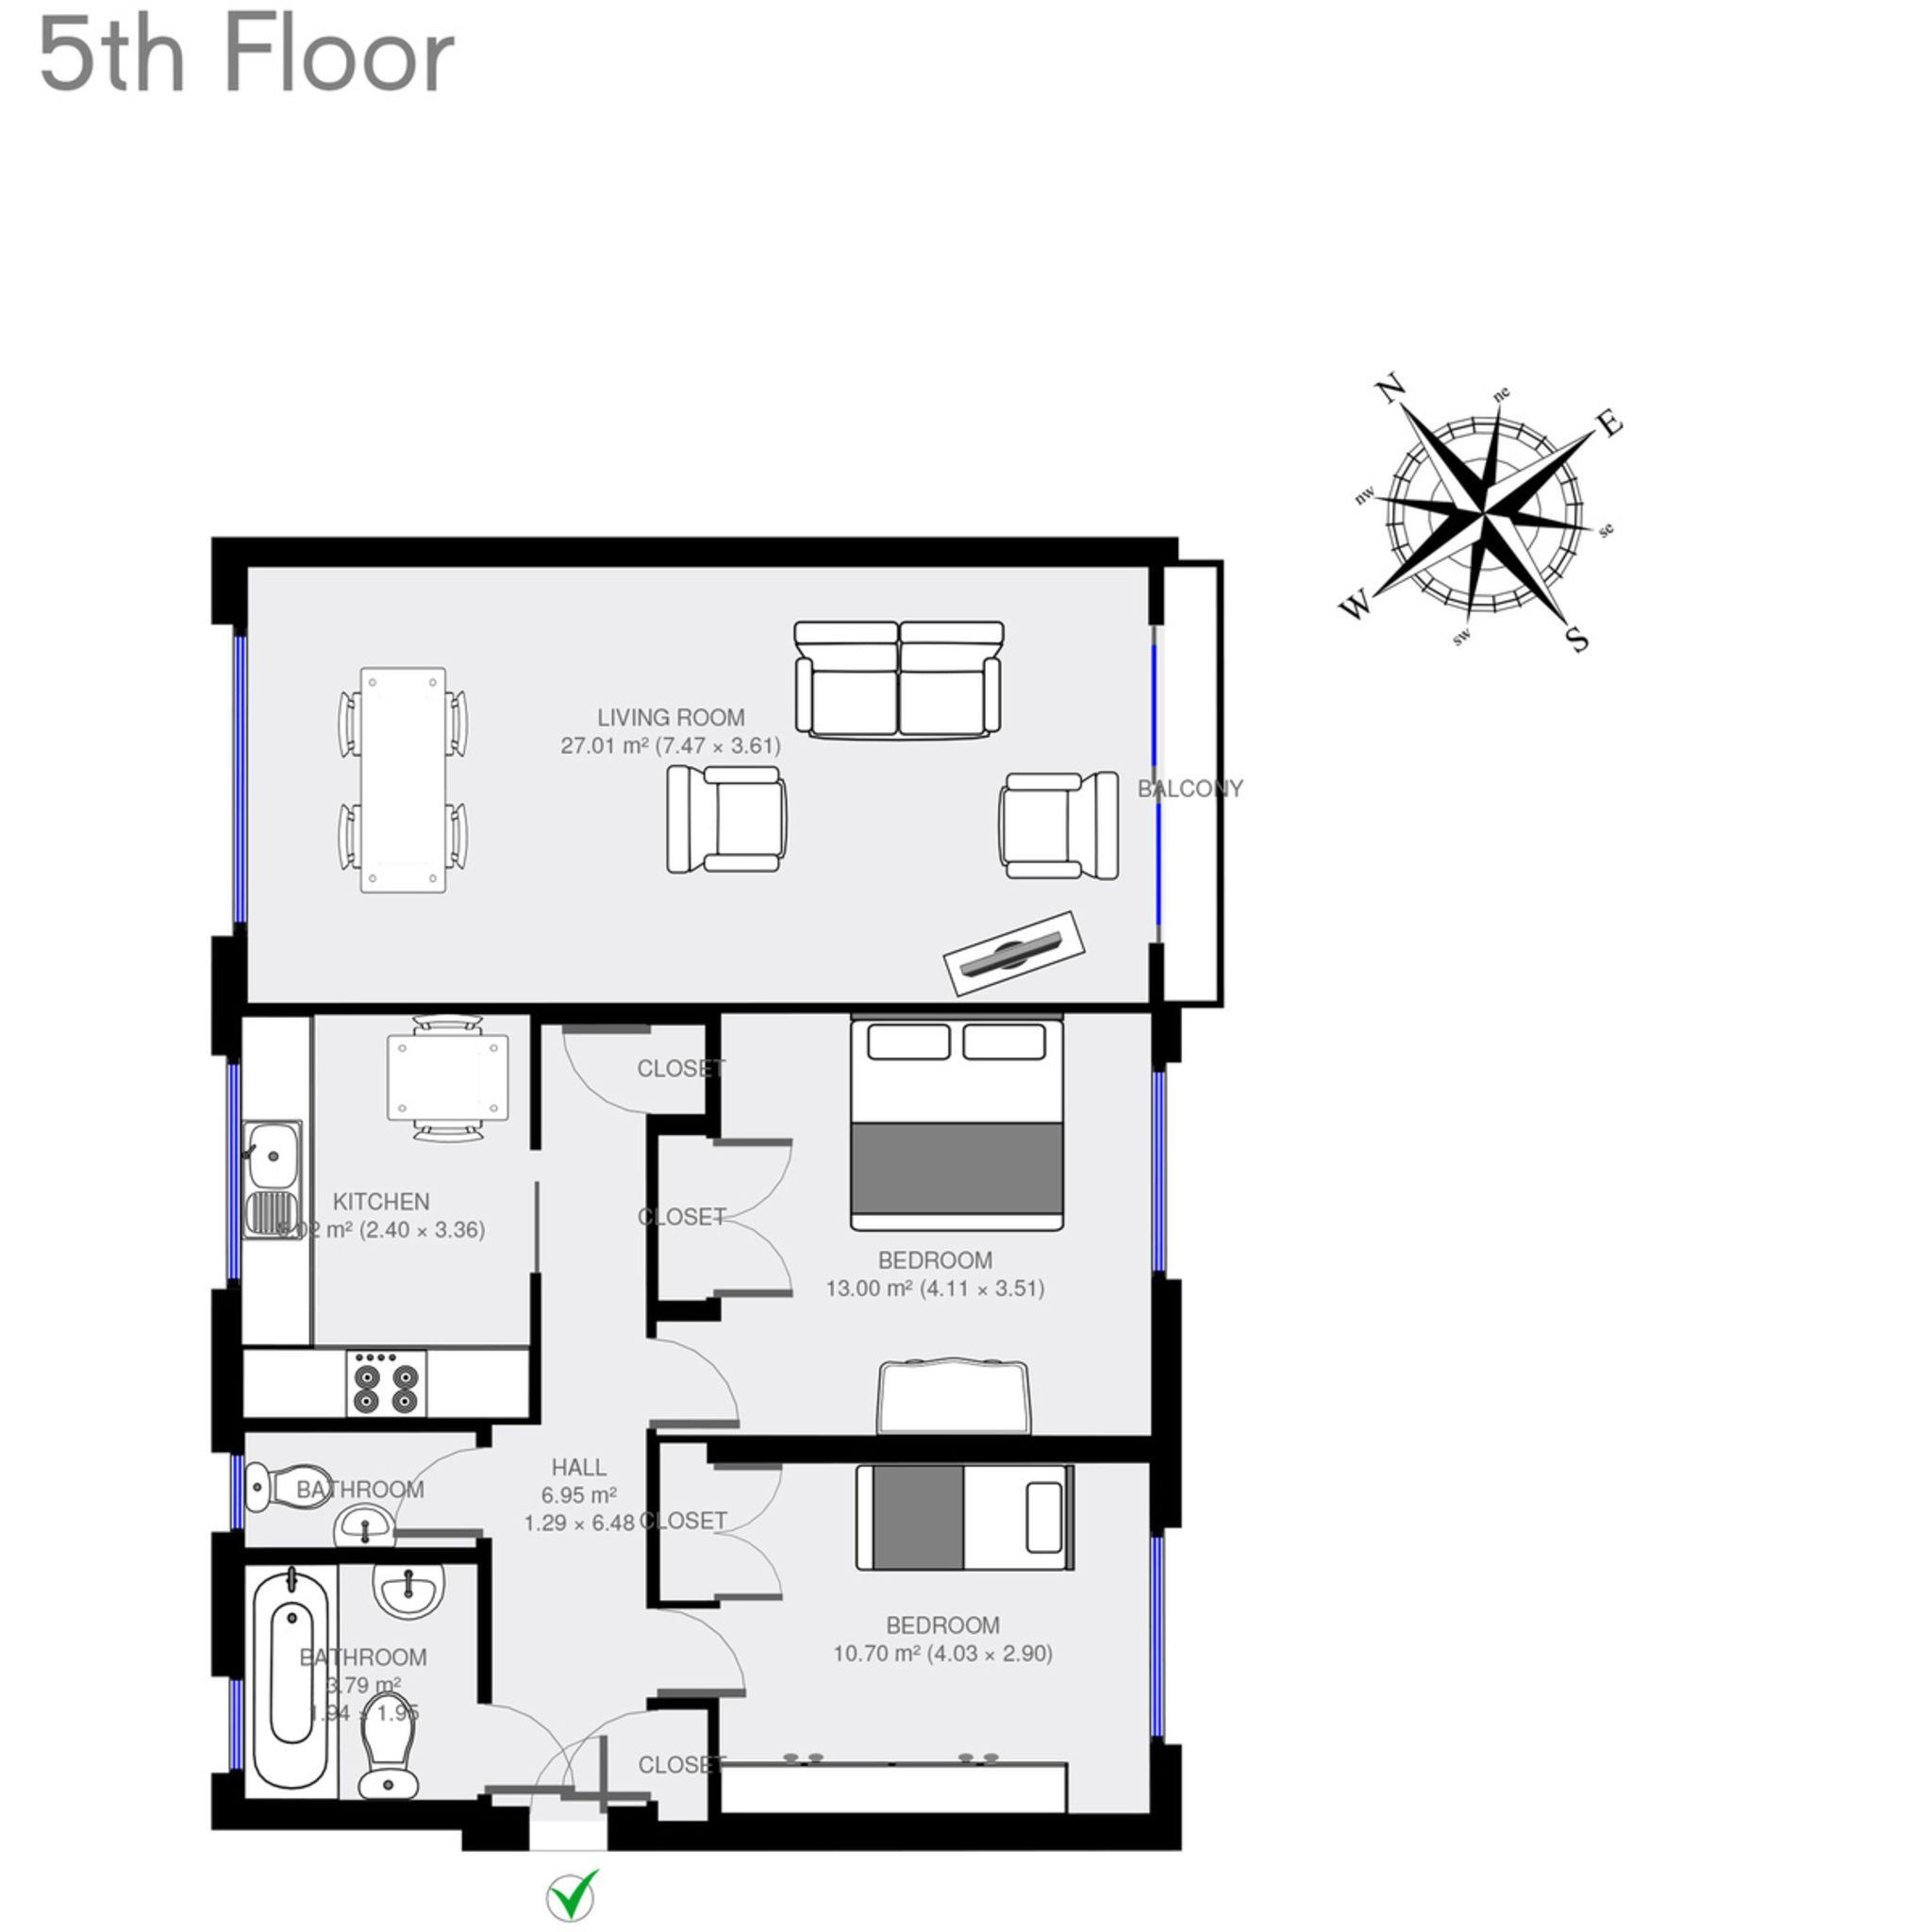 Park Close 19, Kensington, 3xBed London Apartment